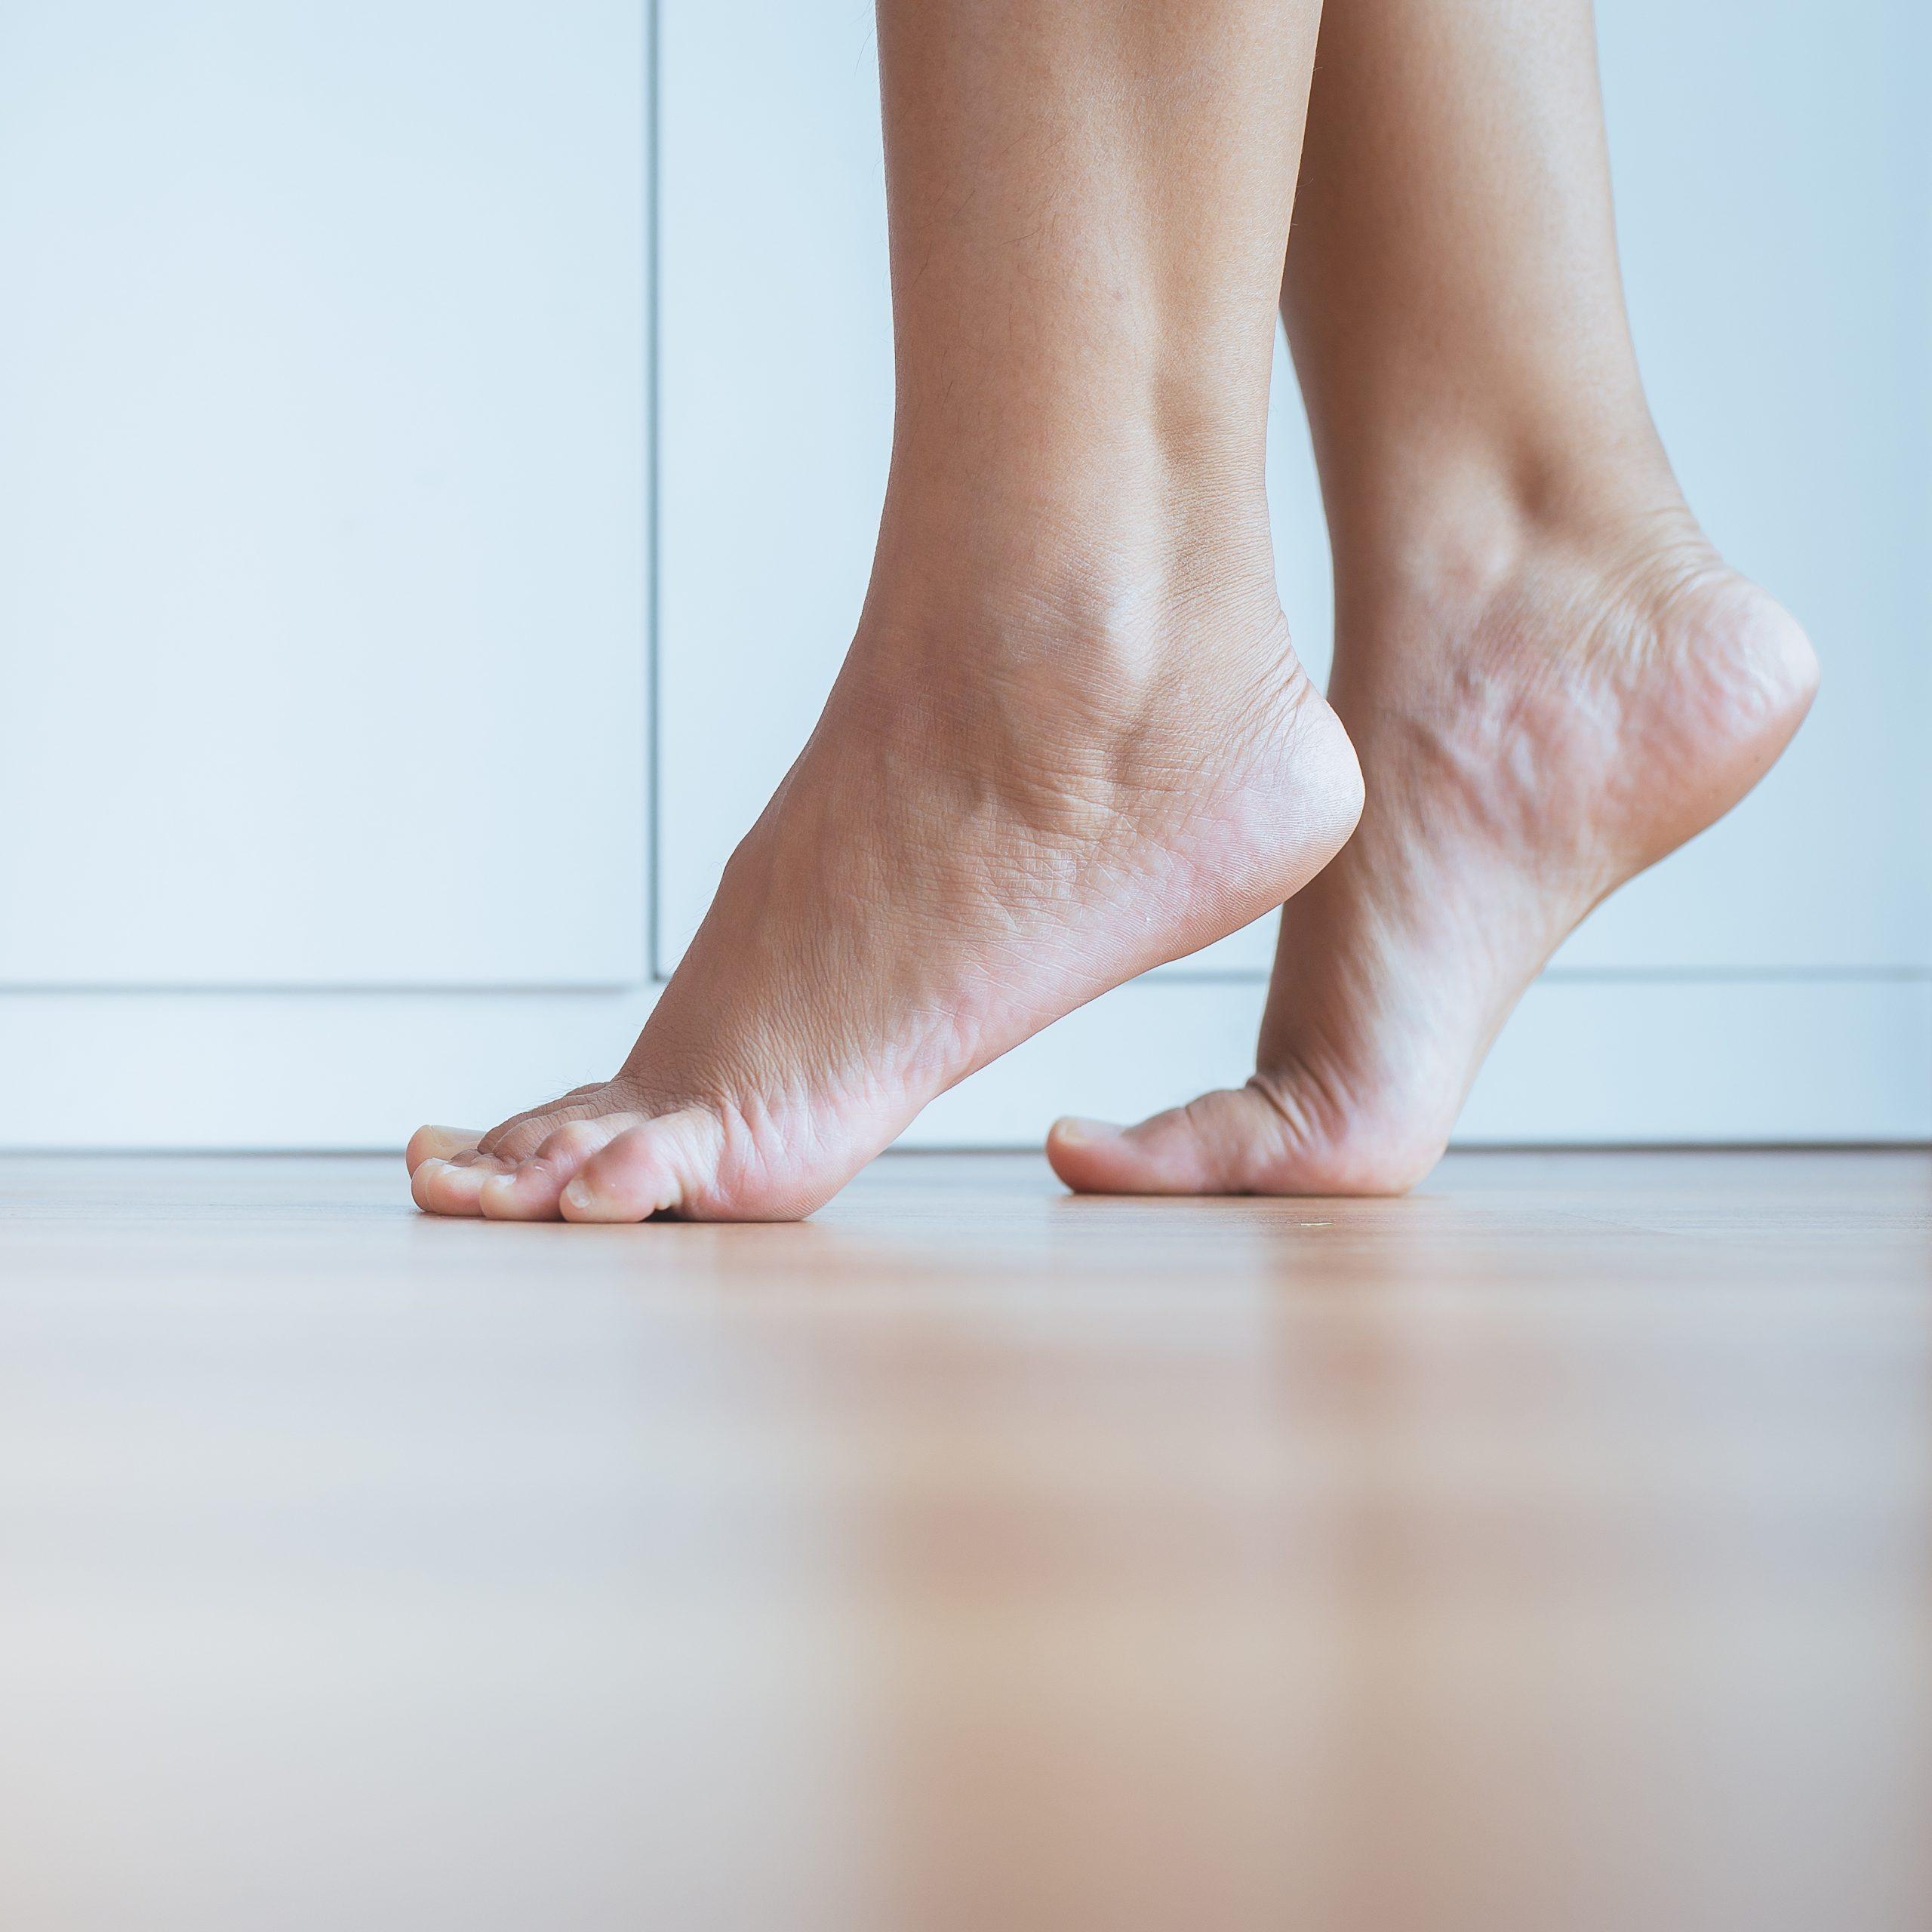 Stellen Sie sich beim Warten einfach auf ihre Fußspitzen und halten diese Position für etwa zehn Sekunden, um ihre Waden- und Fußmuskulatur zu trainieren